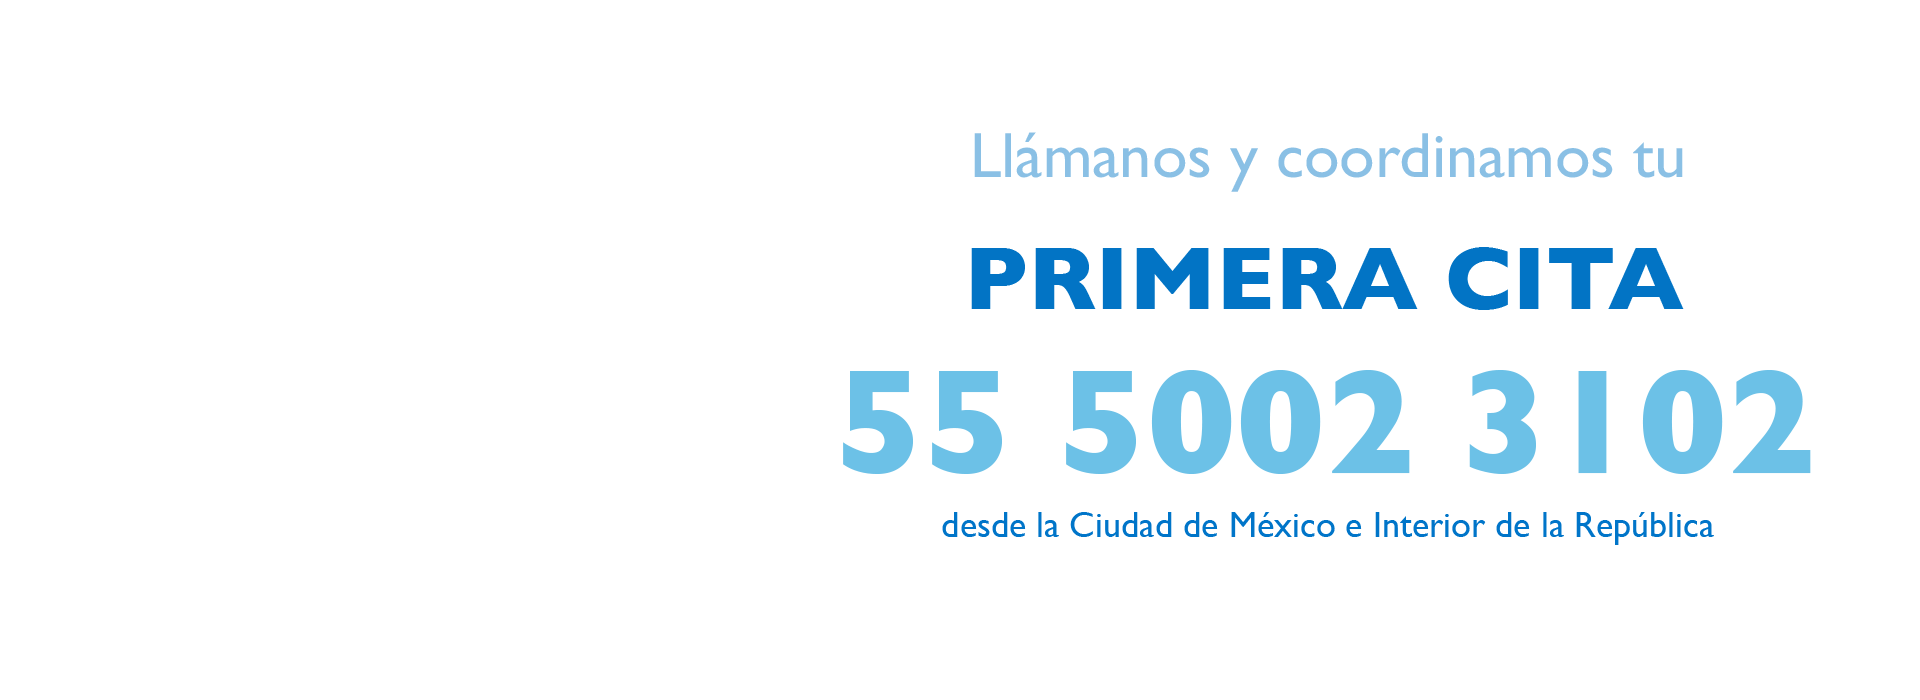 Llámanos y coordinamos tu primera cita - Ciudad de México - Dentegra